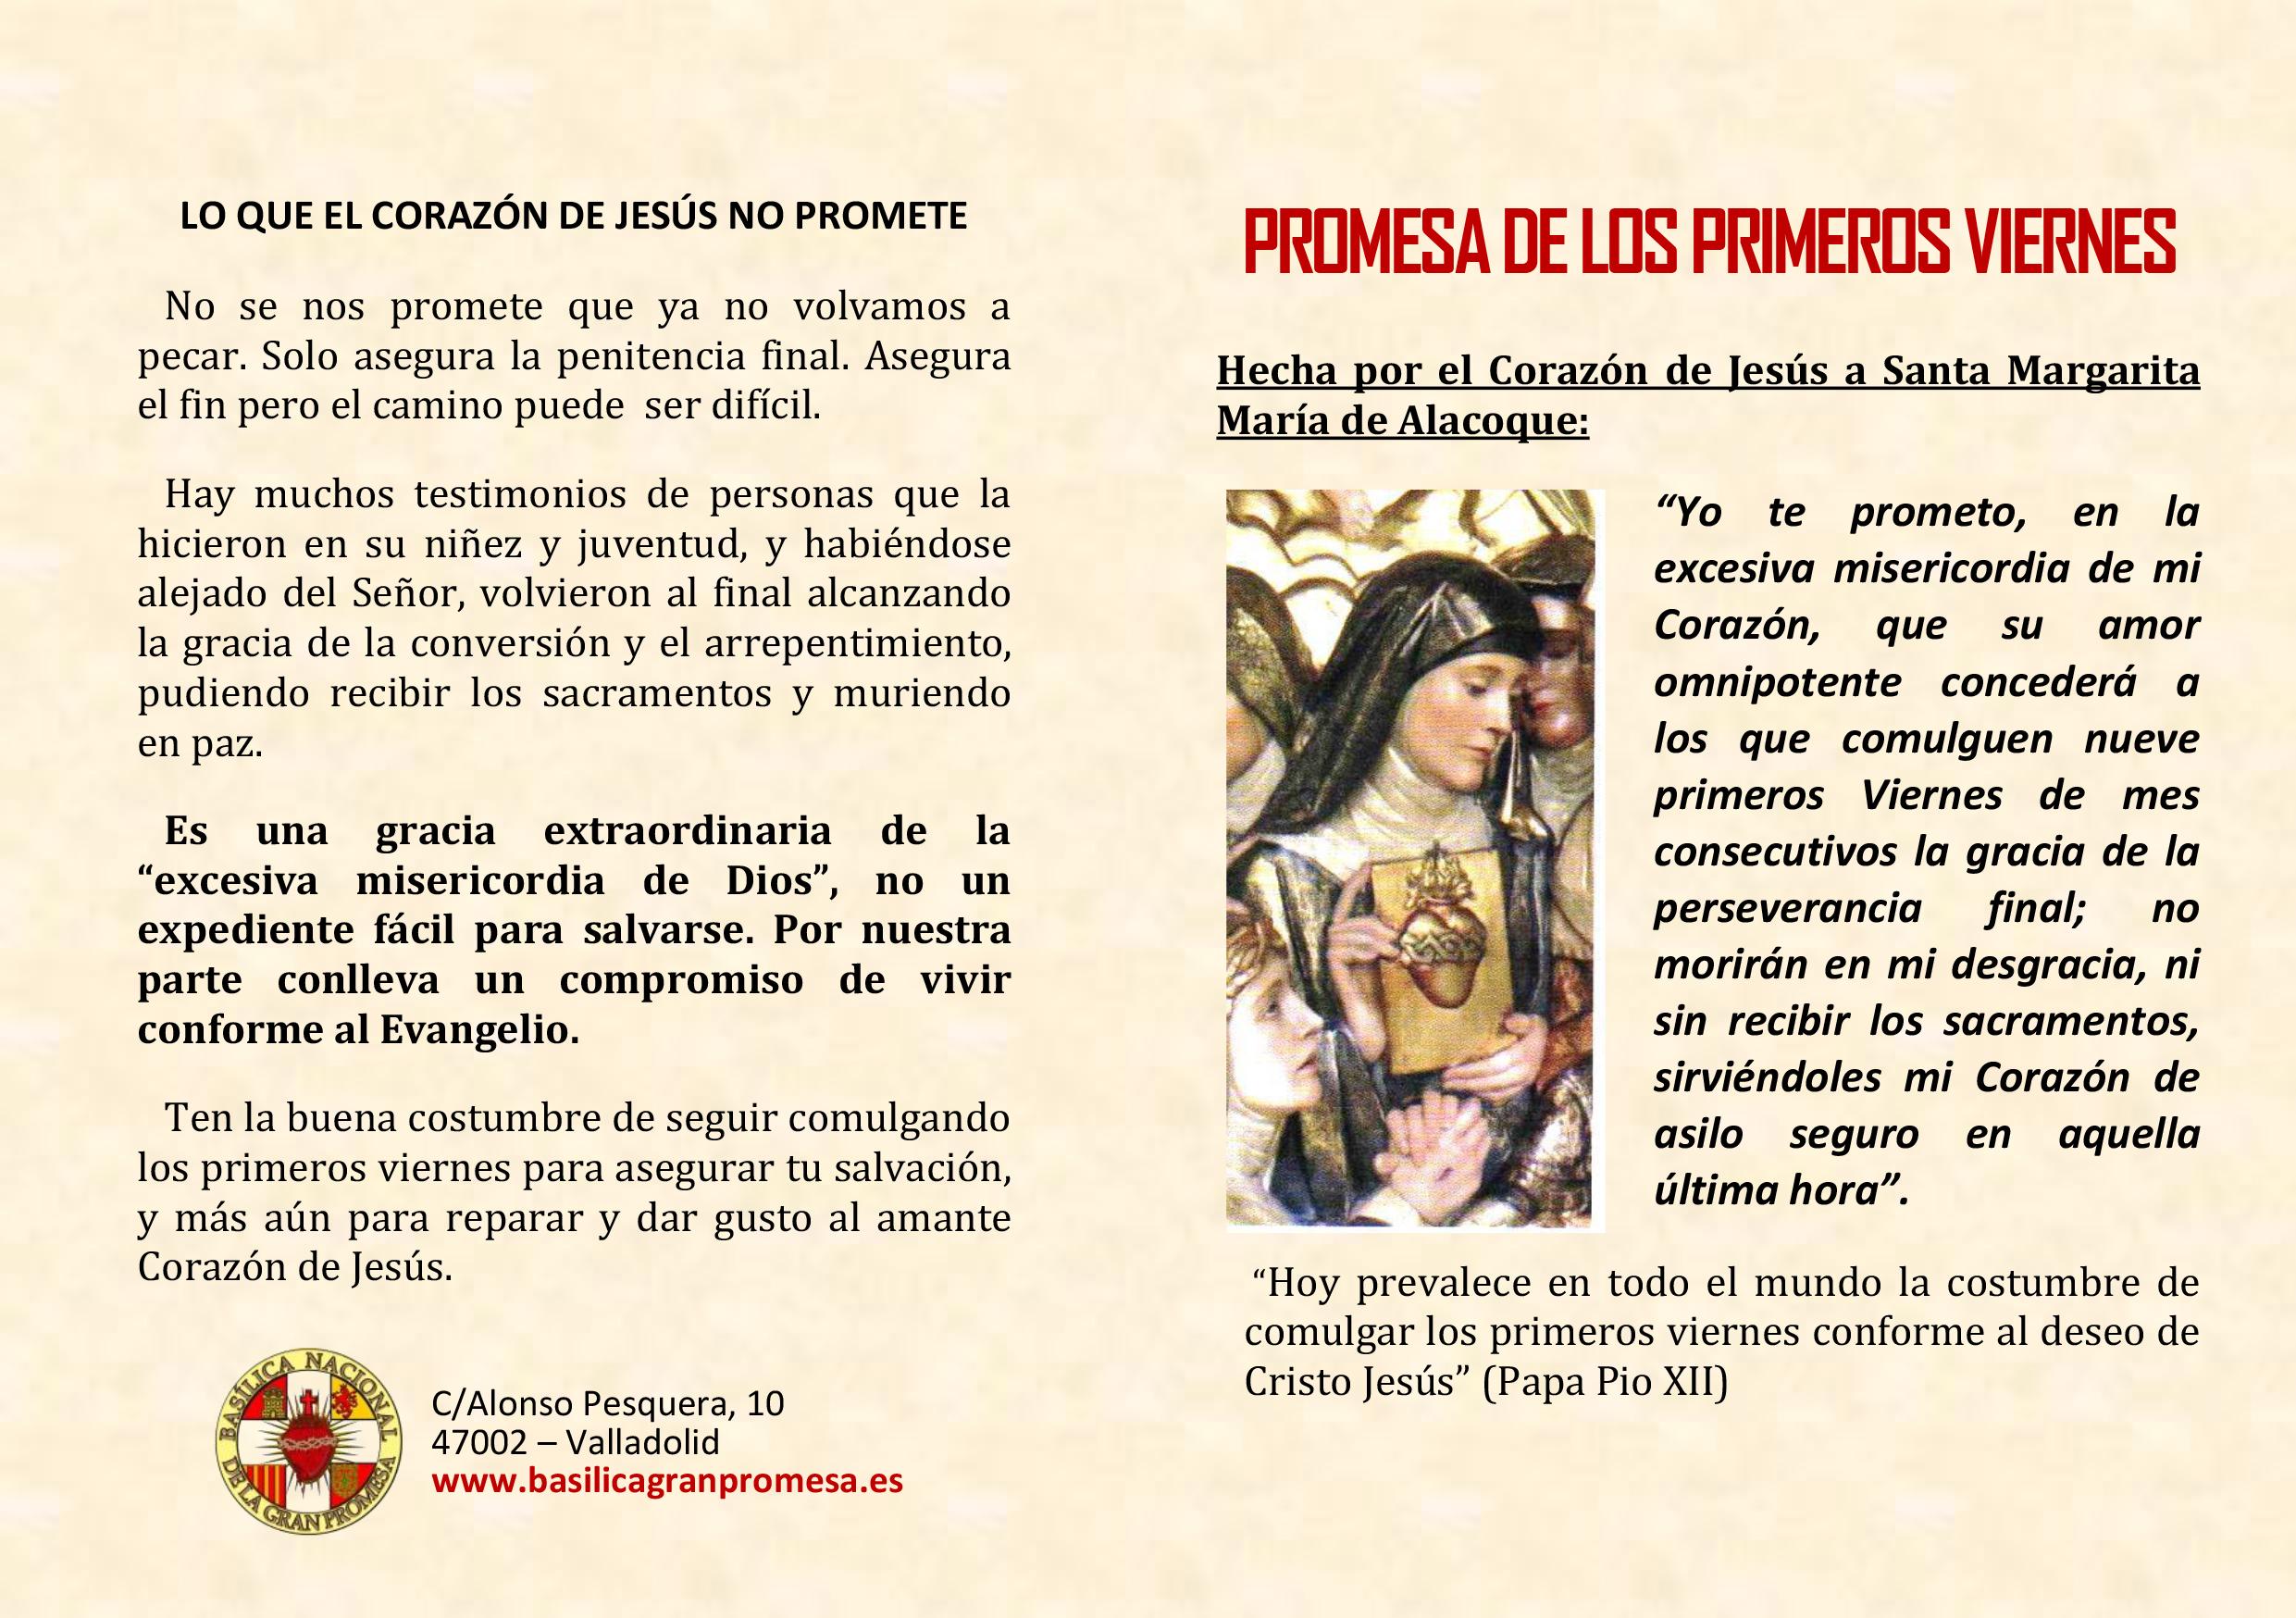 Promesa 1